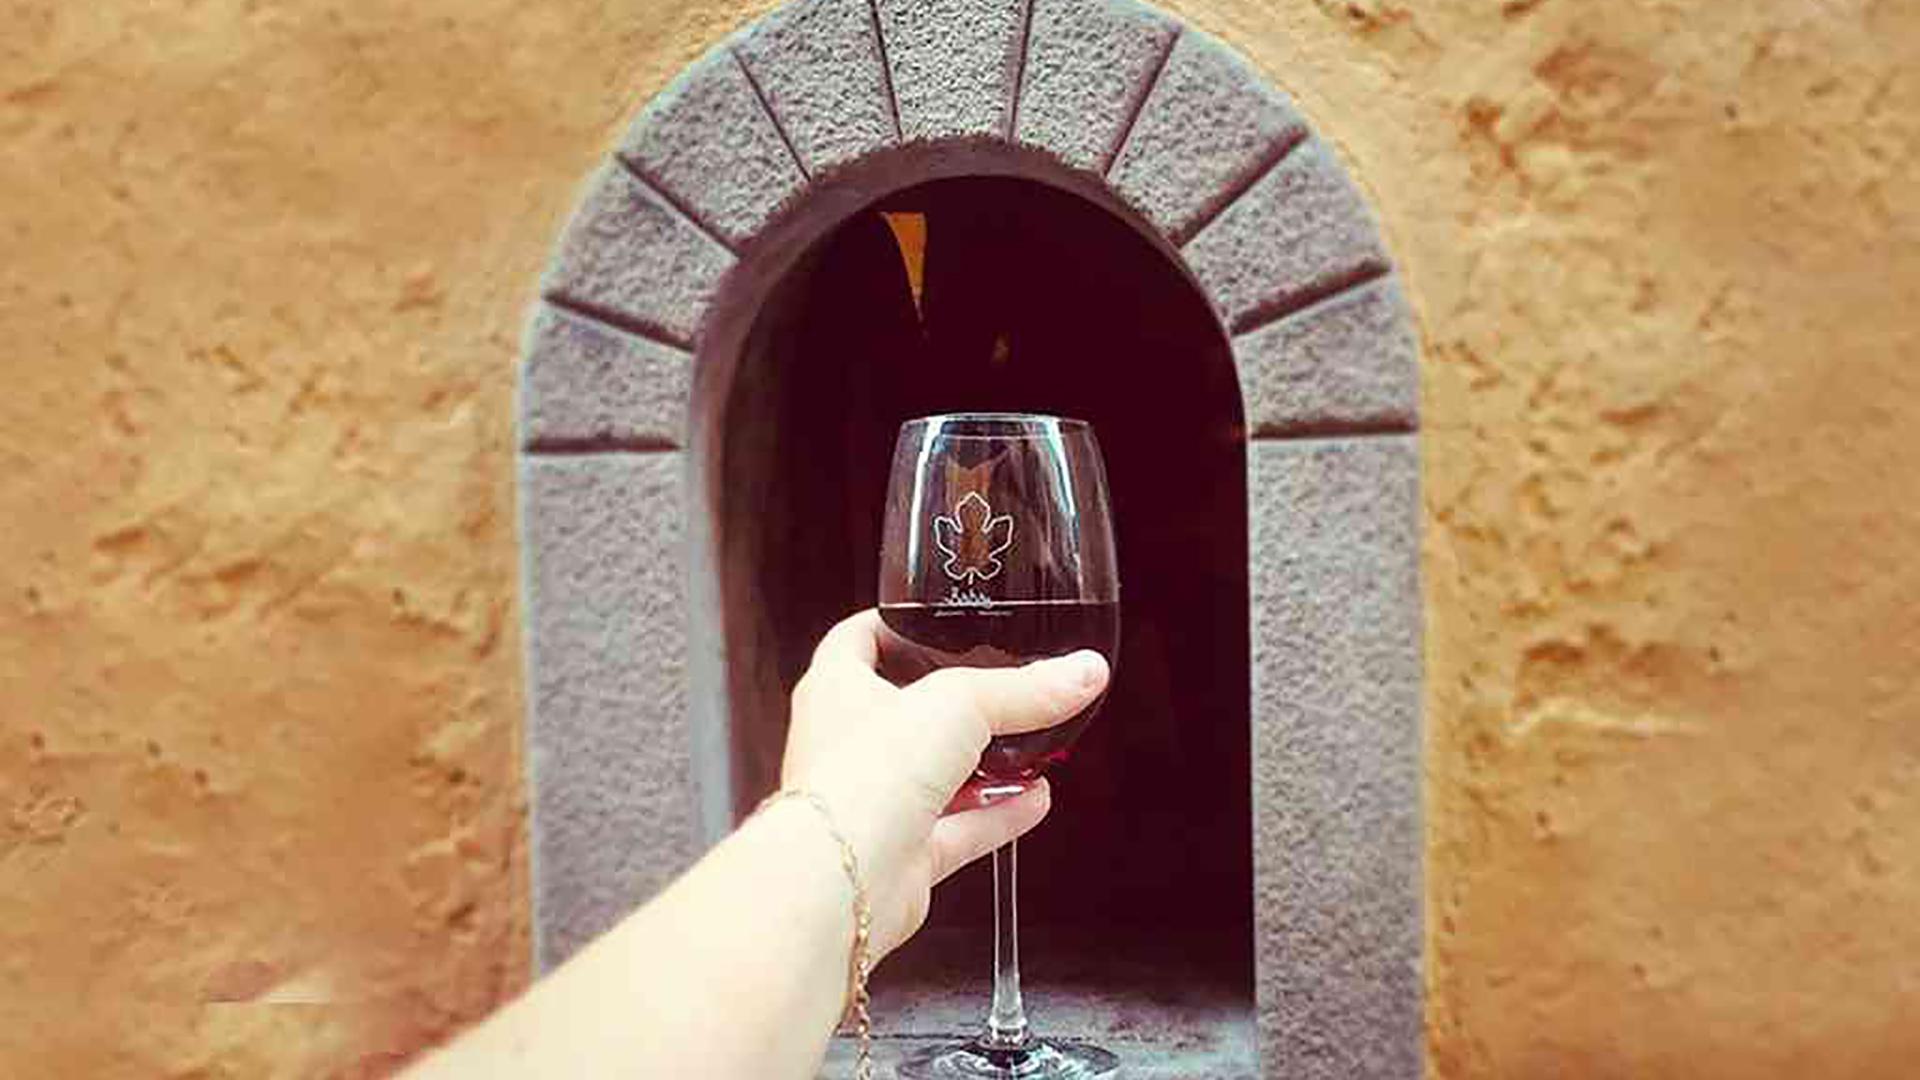 Storia delle buchette del vino a Firenze, riaperte per il covid